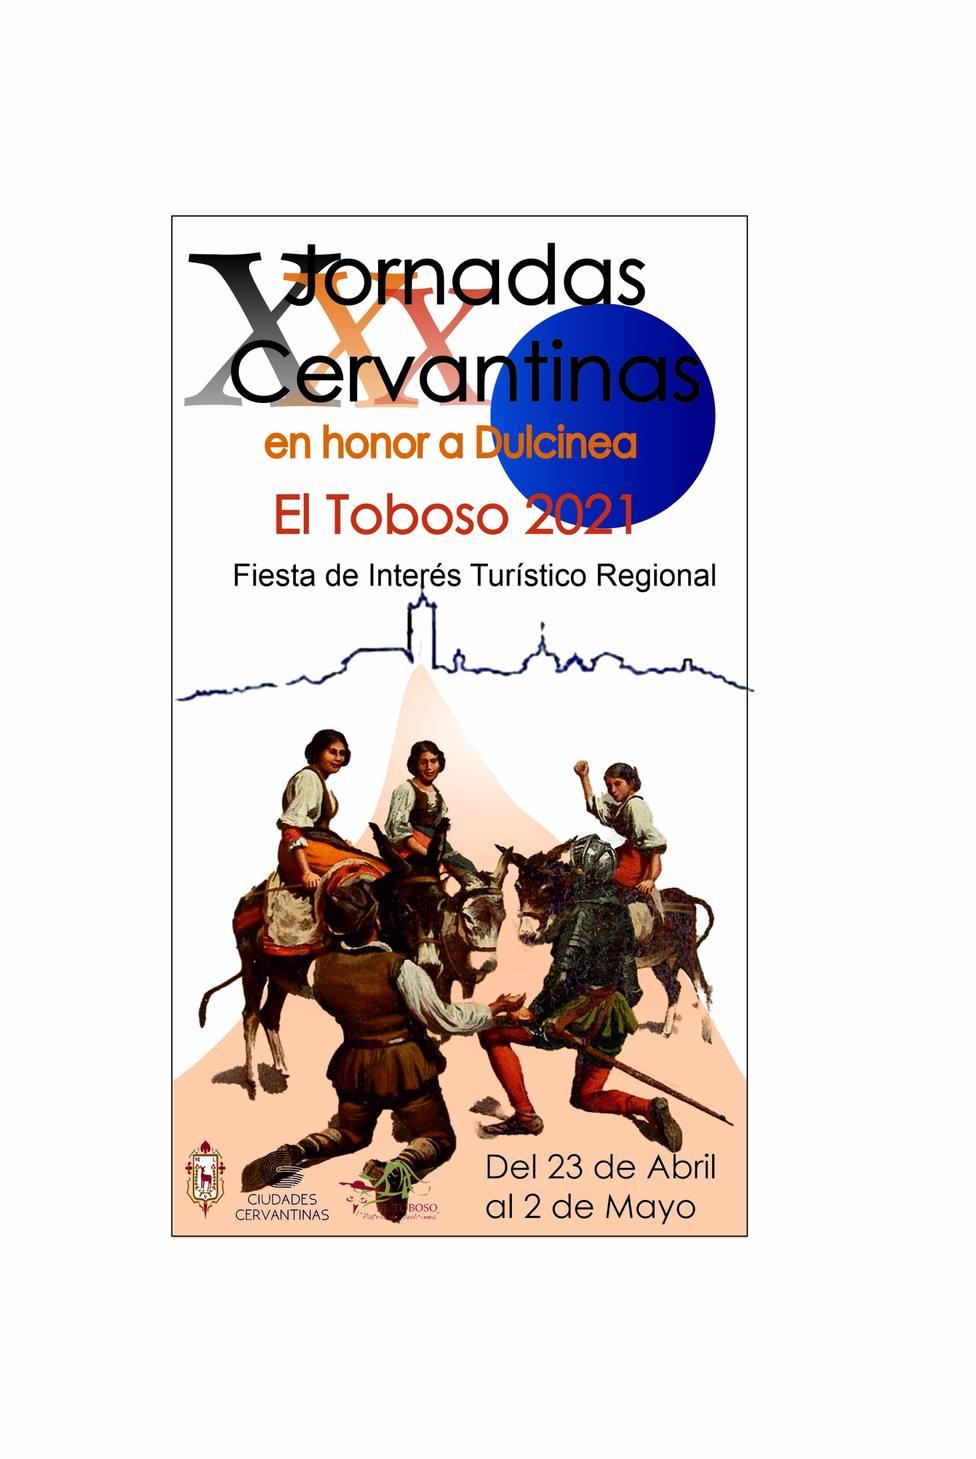 Las XXX Jornadas Cervantinas en honor a Dulcinea de El Toboso homenajearán a personas que las han hecho posibles